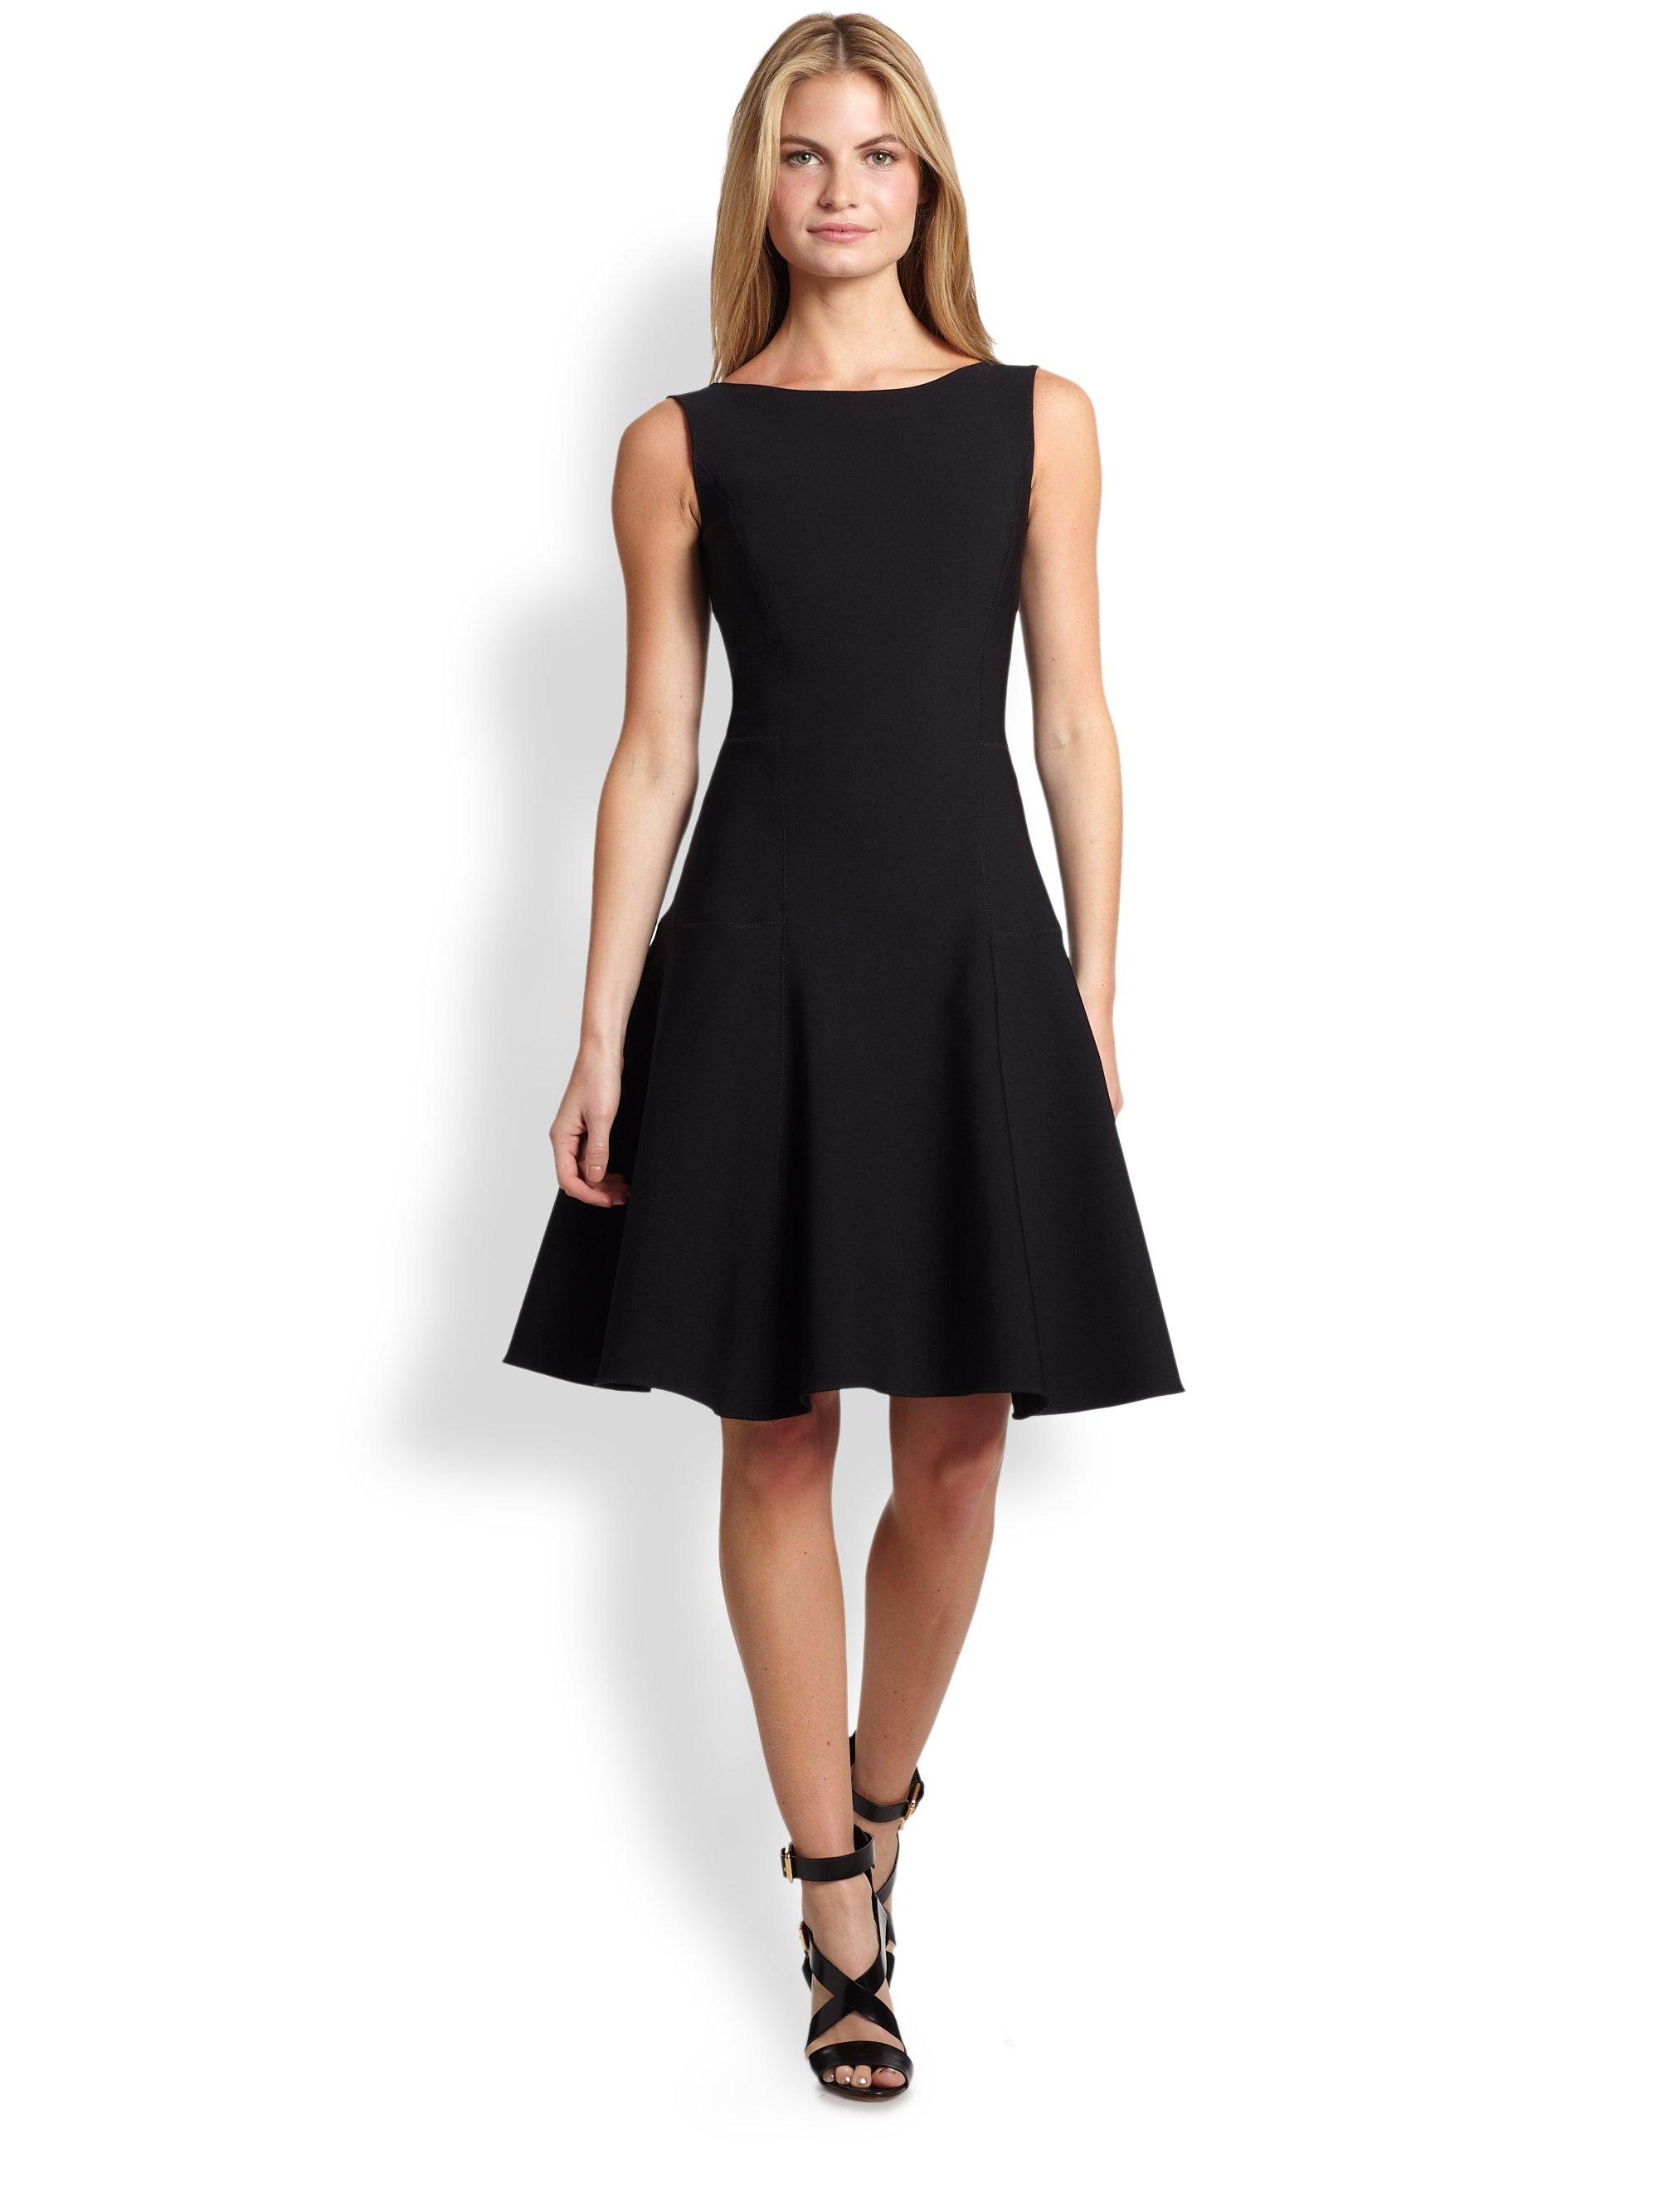 Lyst - Ralph Lauren Black Label Neoprene Rayner Dress in Black